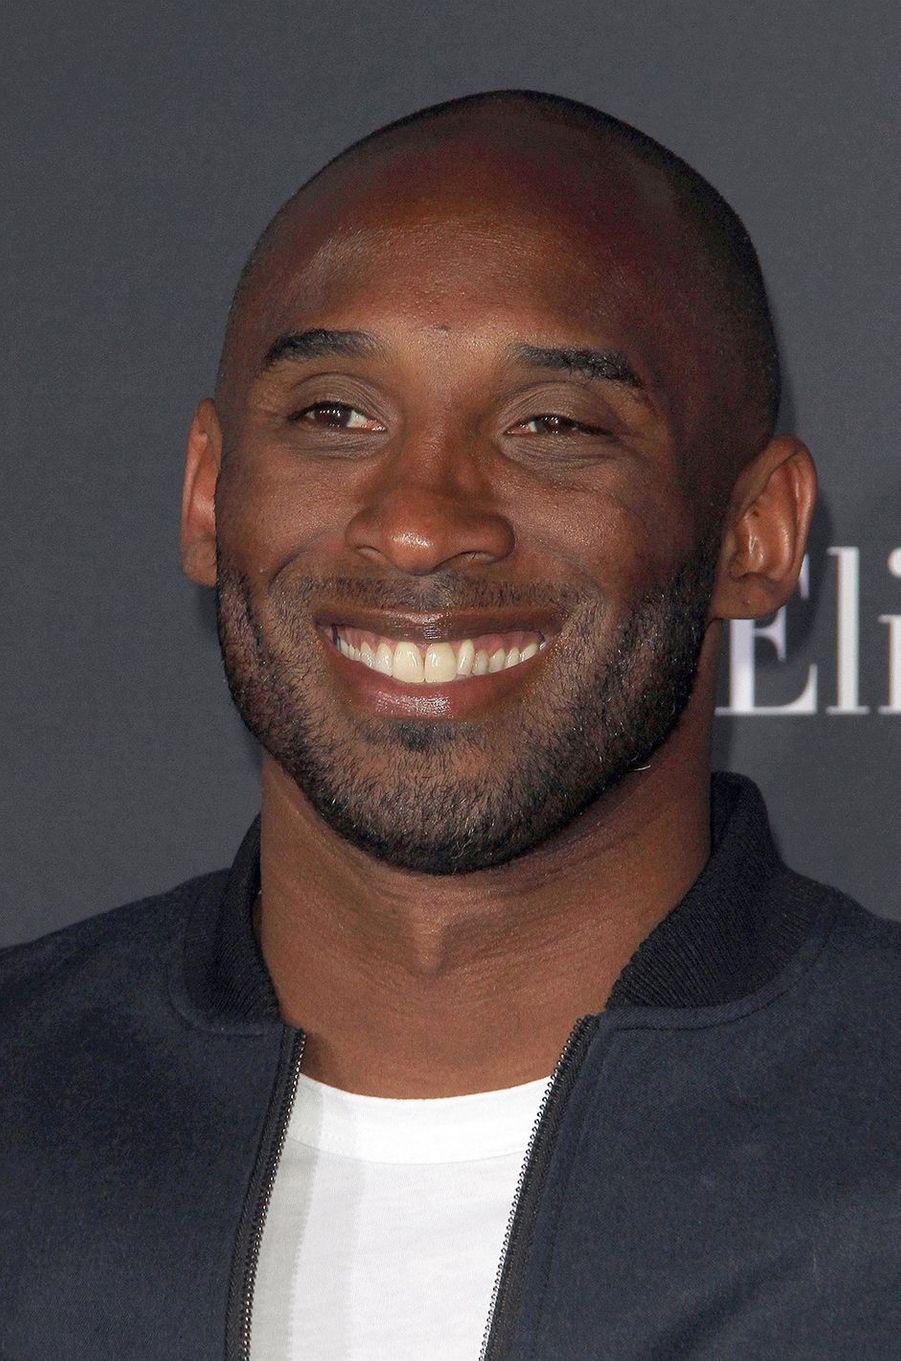 Tendances France et monde : Kobe Bryant est la personnalité disparue dont le nom a été le plus tapé sur Google en 2020